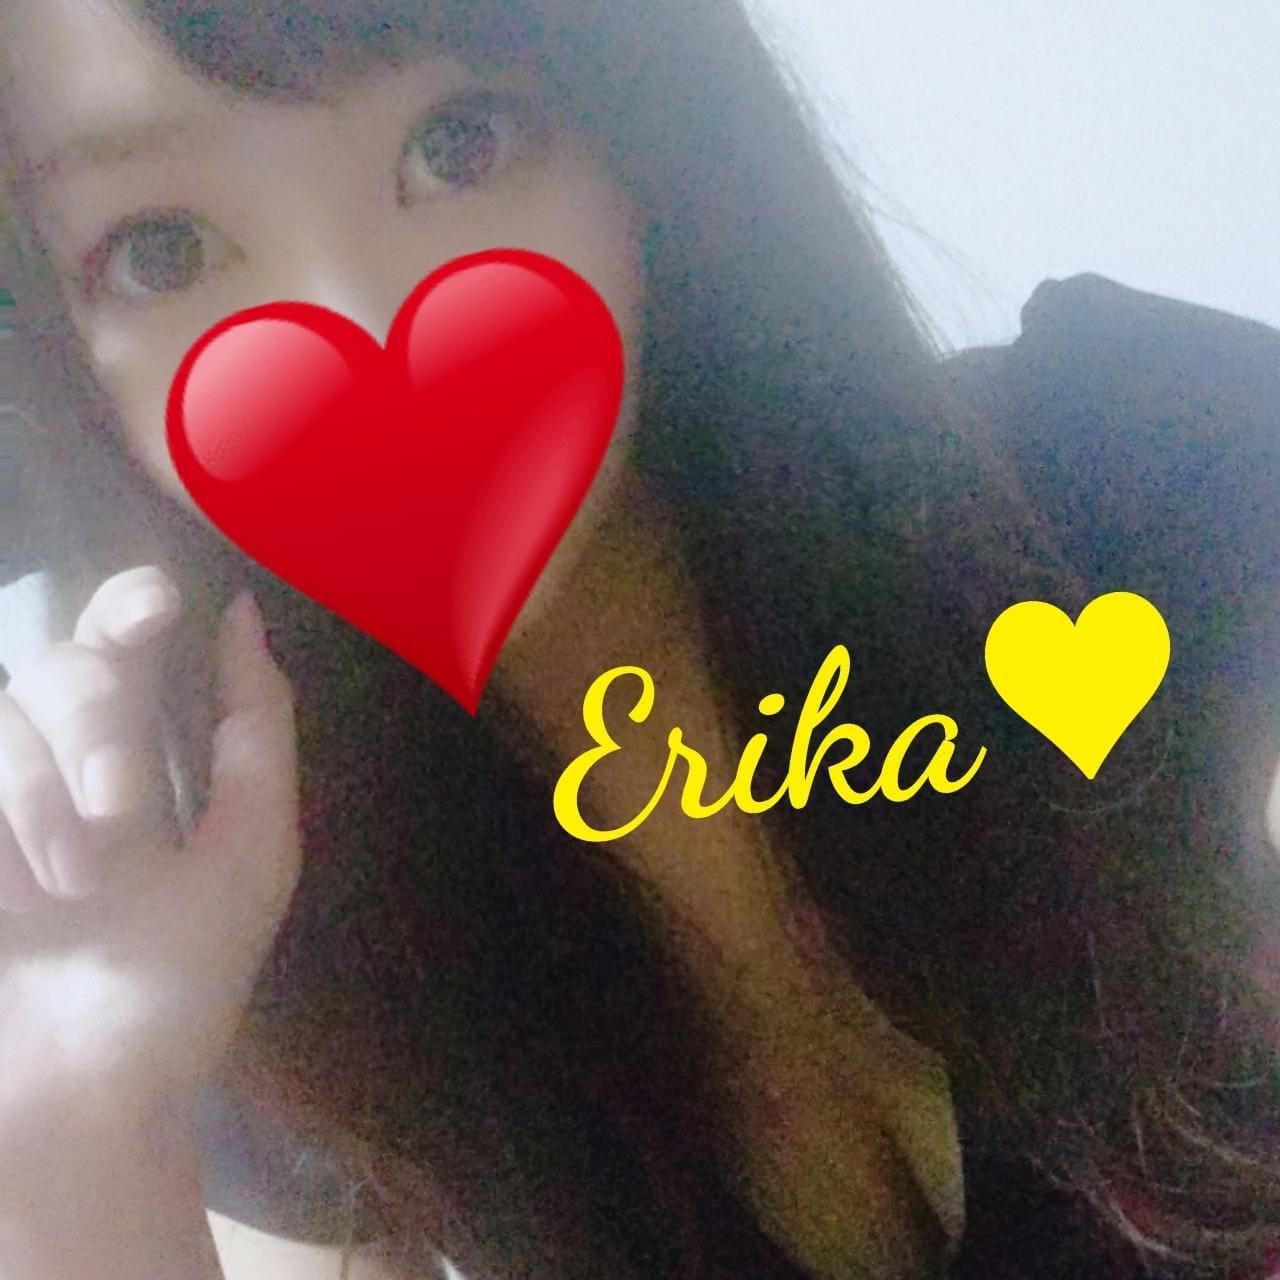 「女装コース?」09/24日(月) 23:43   Erikaの写メ・風俗動画